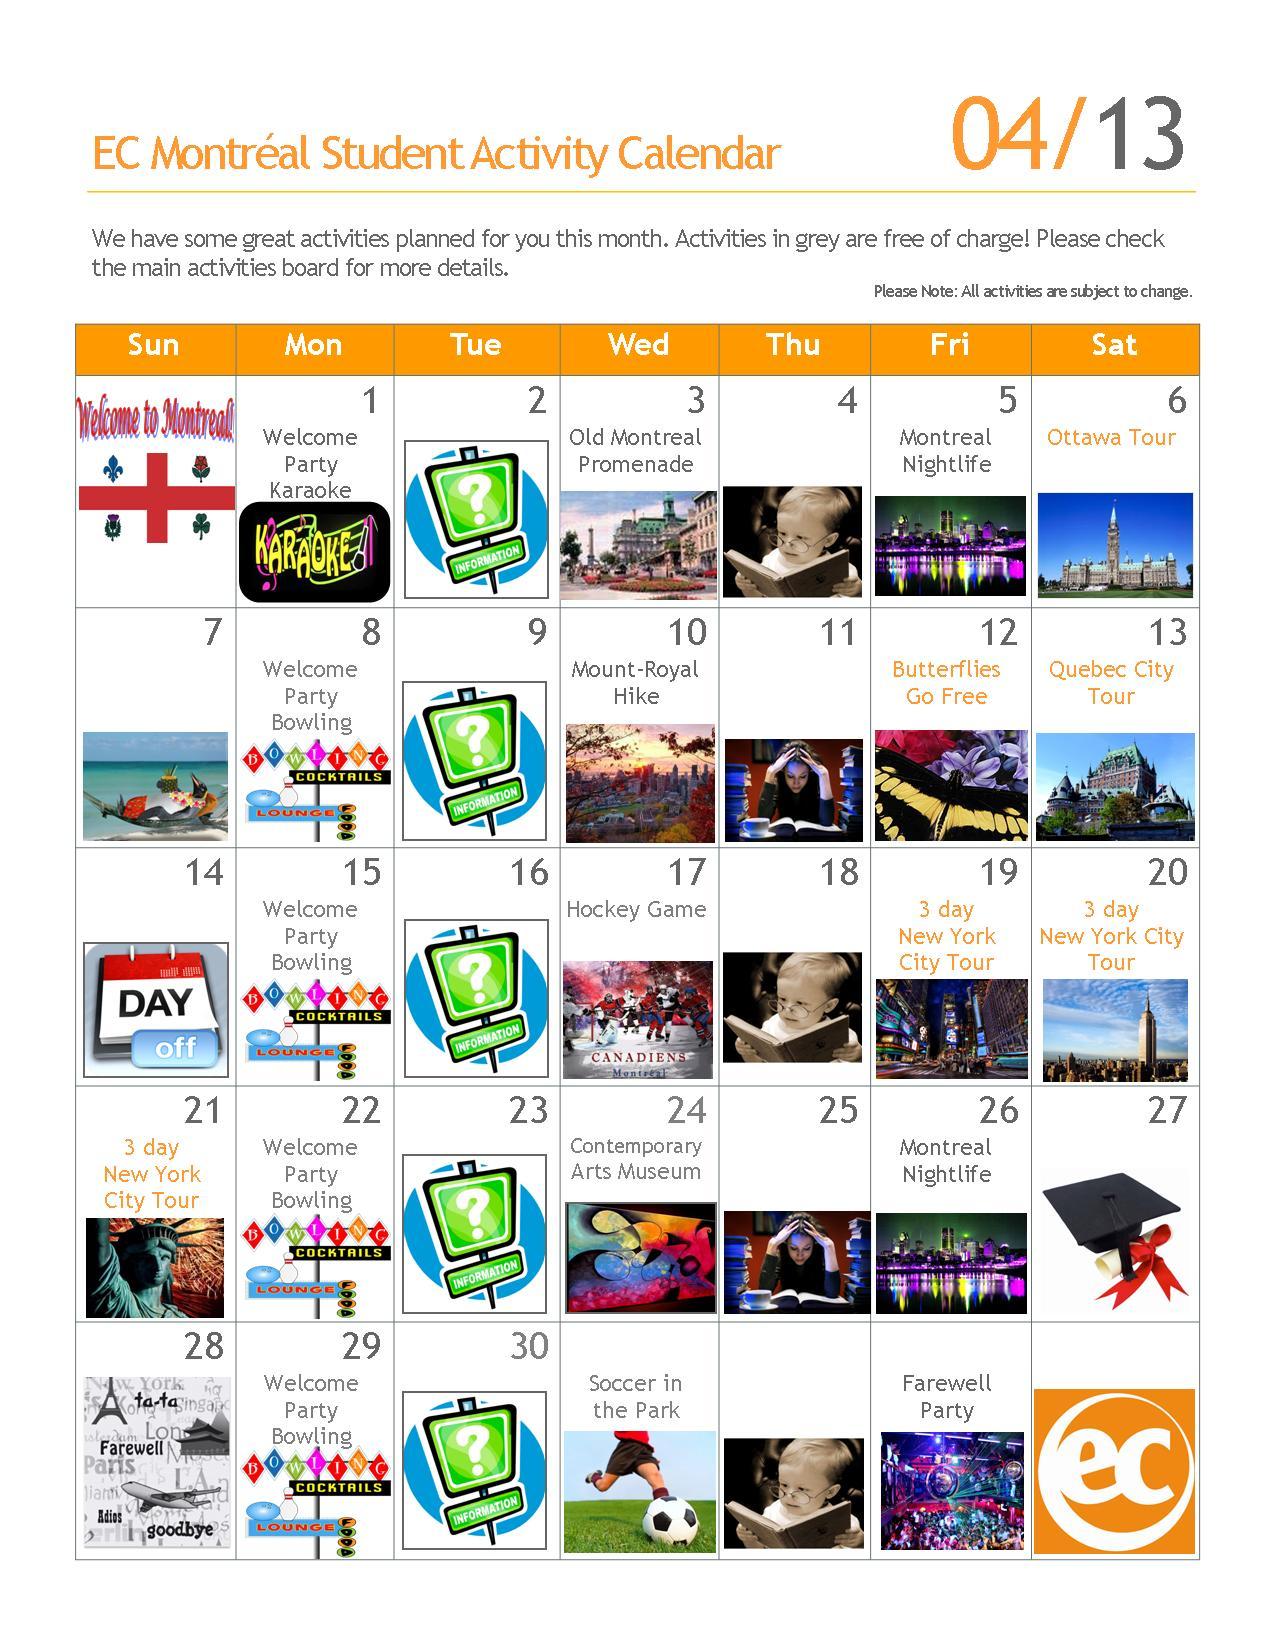 April Calendar Of Events : April social events calendar ec montreal